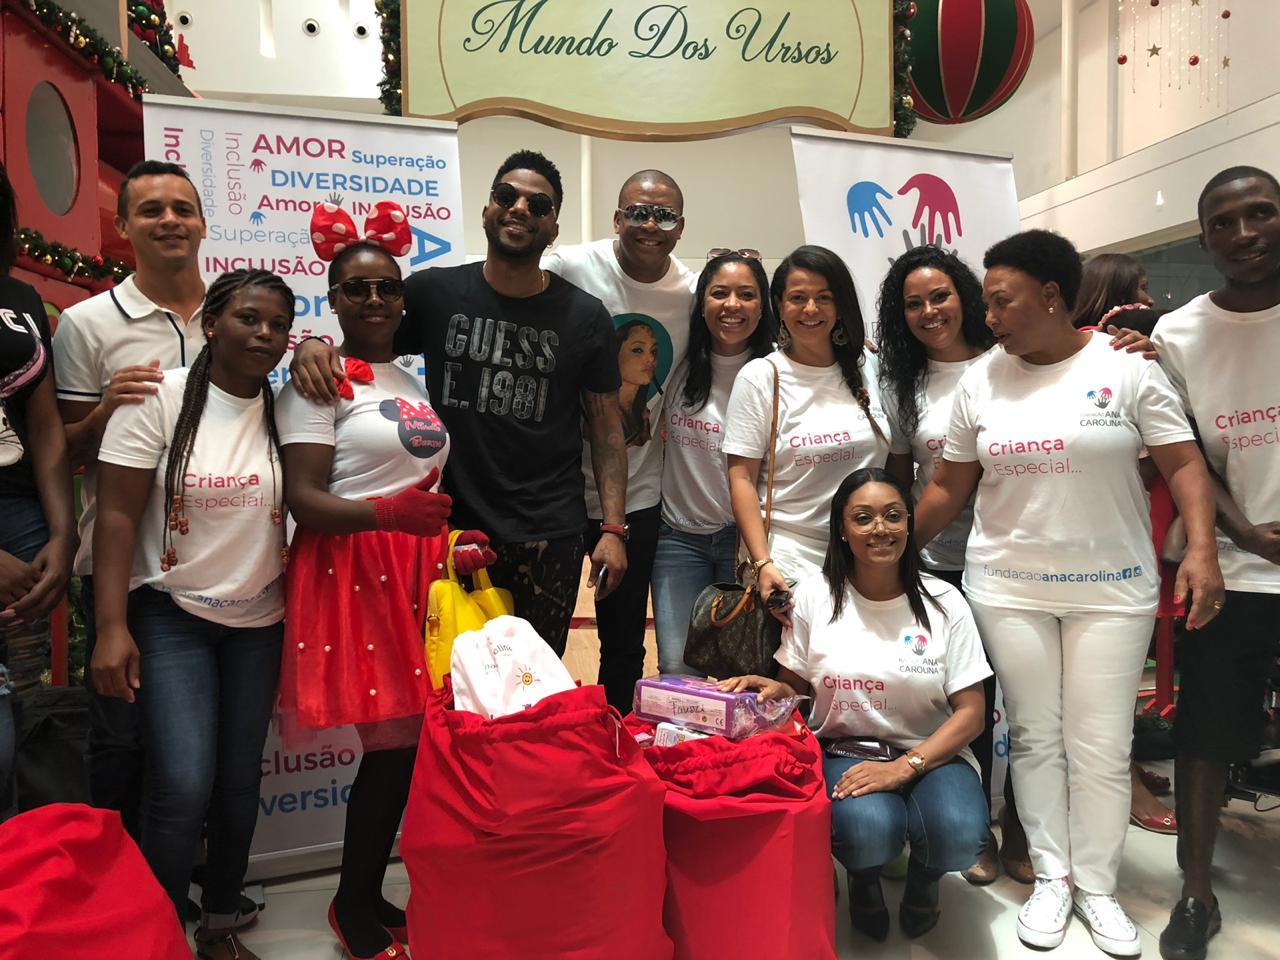 - Foto 5 - Crianças da Fundação Ana Carolina celebram Natal no Belas Shopping